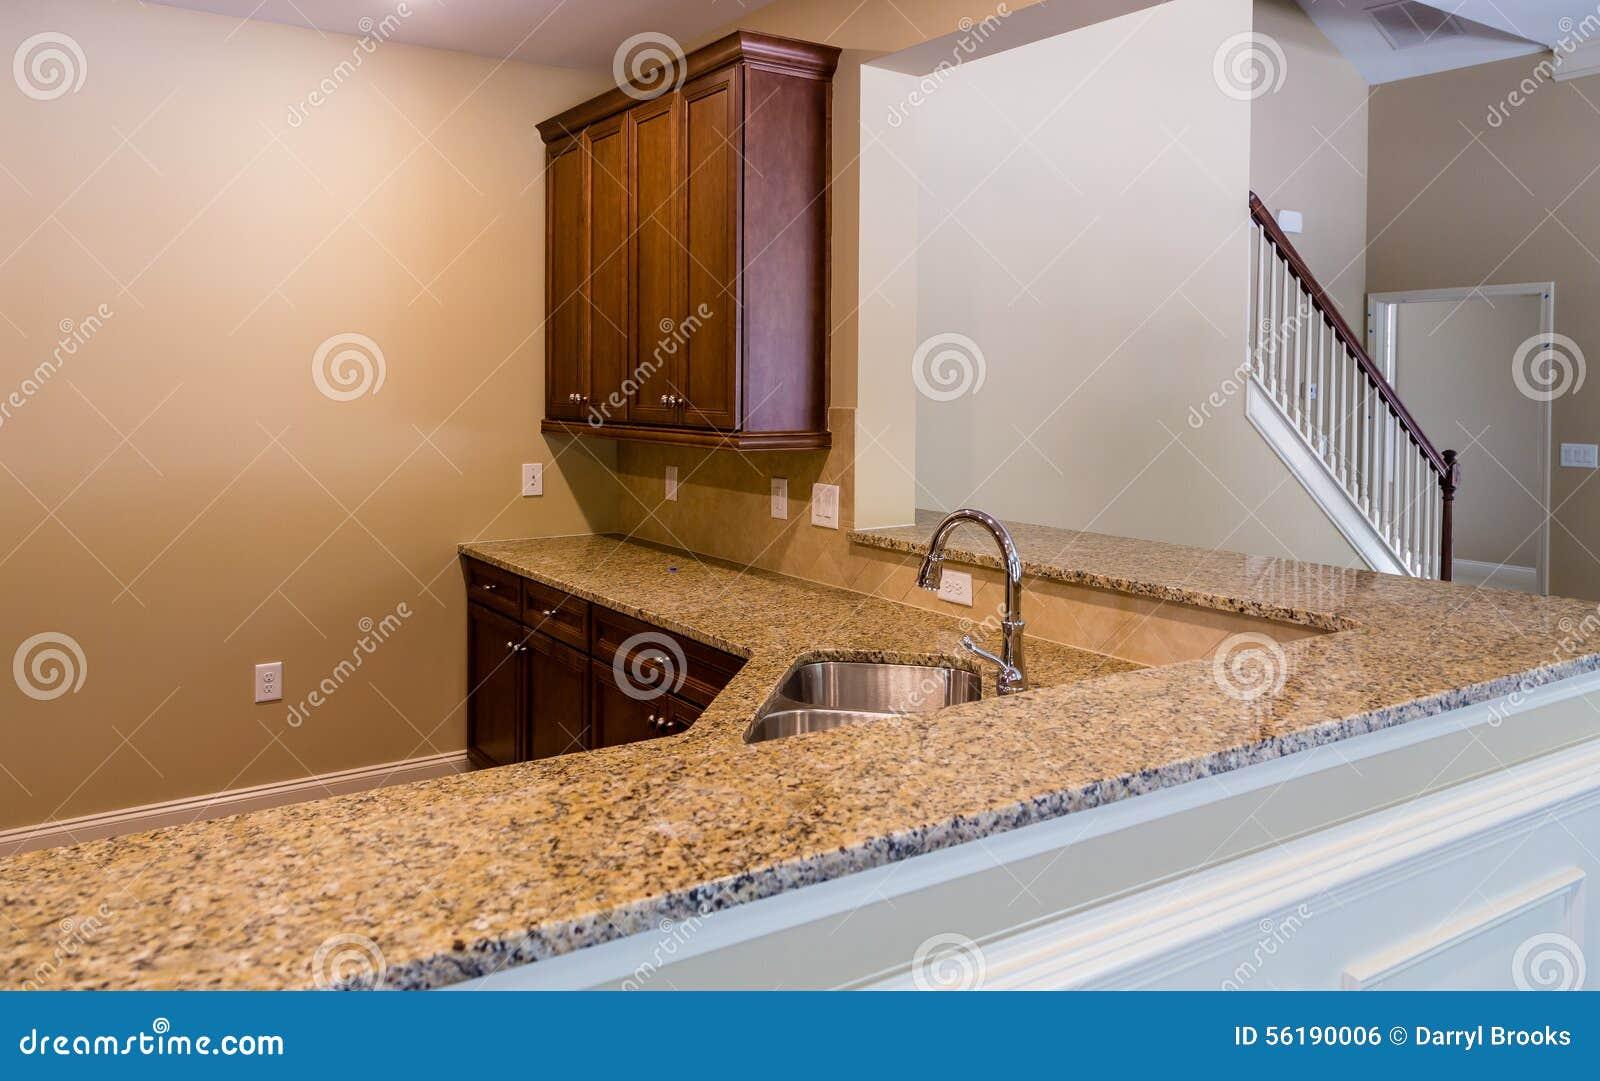 Bancada Do Granito Na Cozinha Nova Foto de Stock Imagem: 56190006 #39190A 1300 895